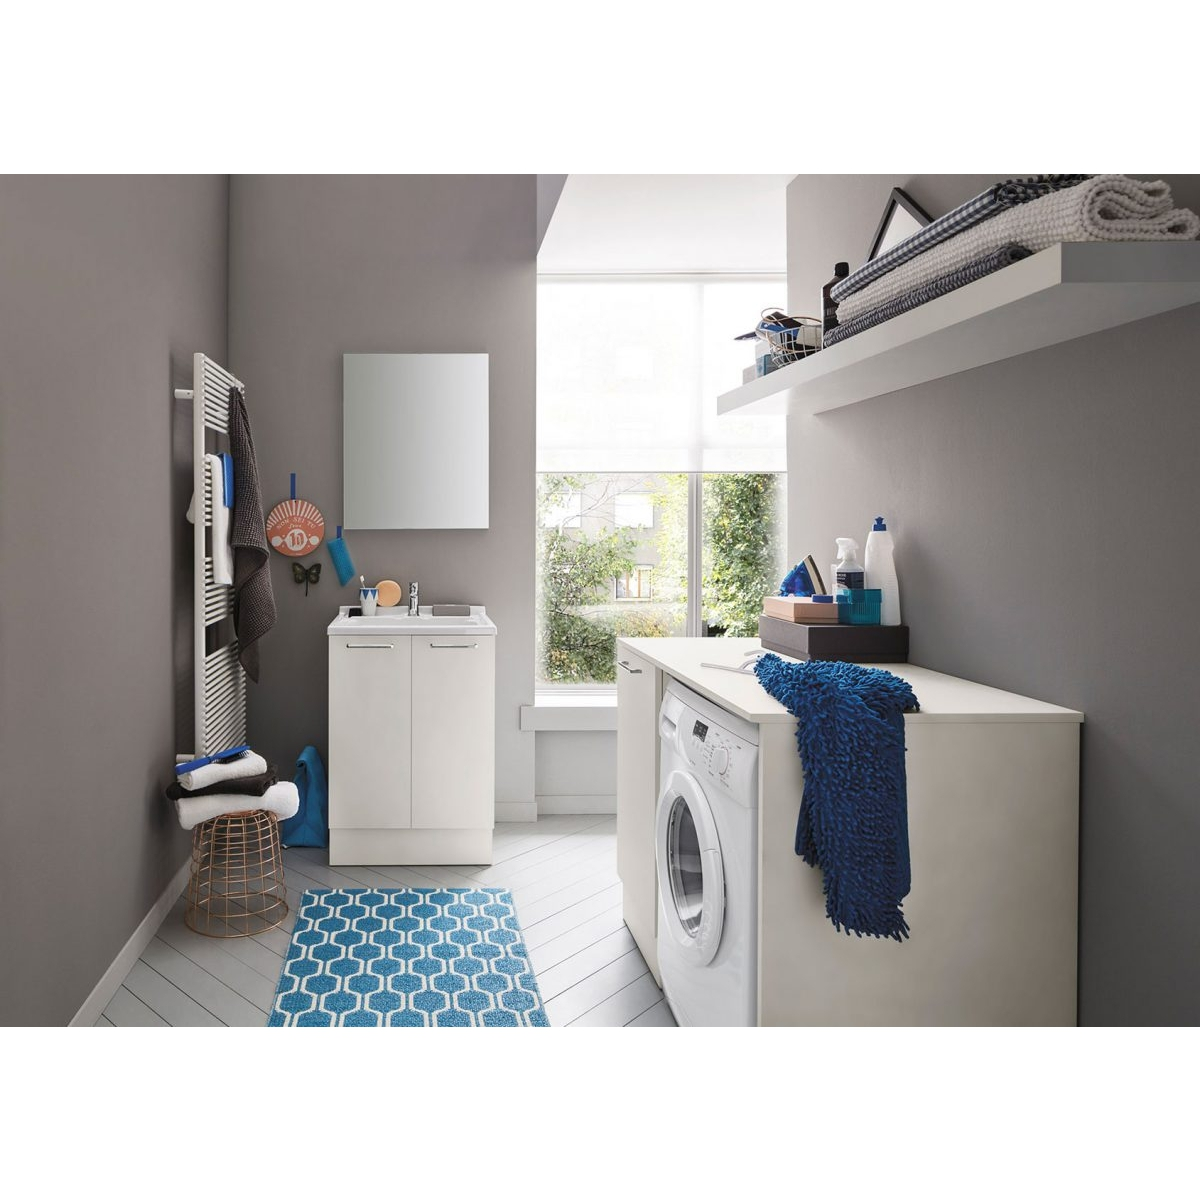 Mobile Bagno Lavabo E Lavatrice arbi arredobagno composizione lavanderia con mobile lavabo e